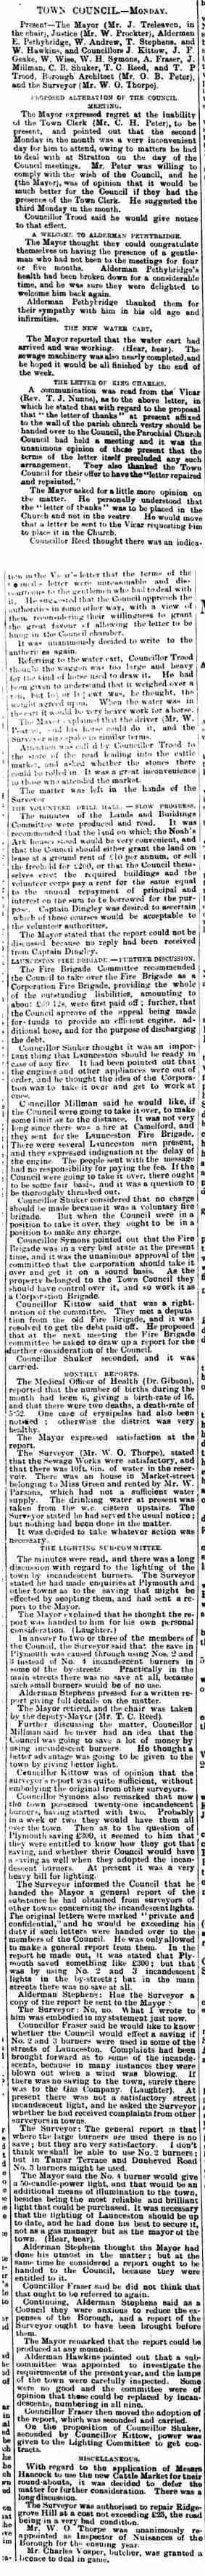 14 July 1900